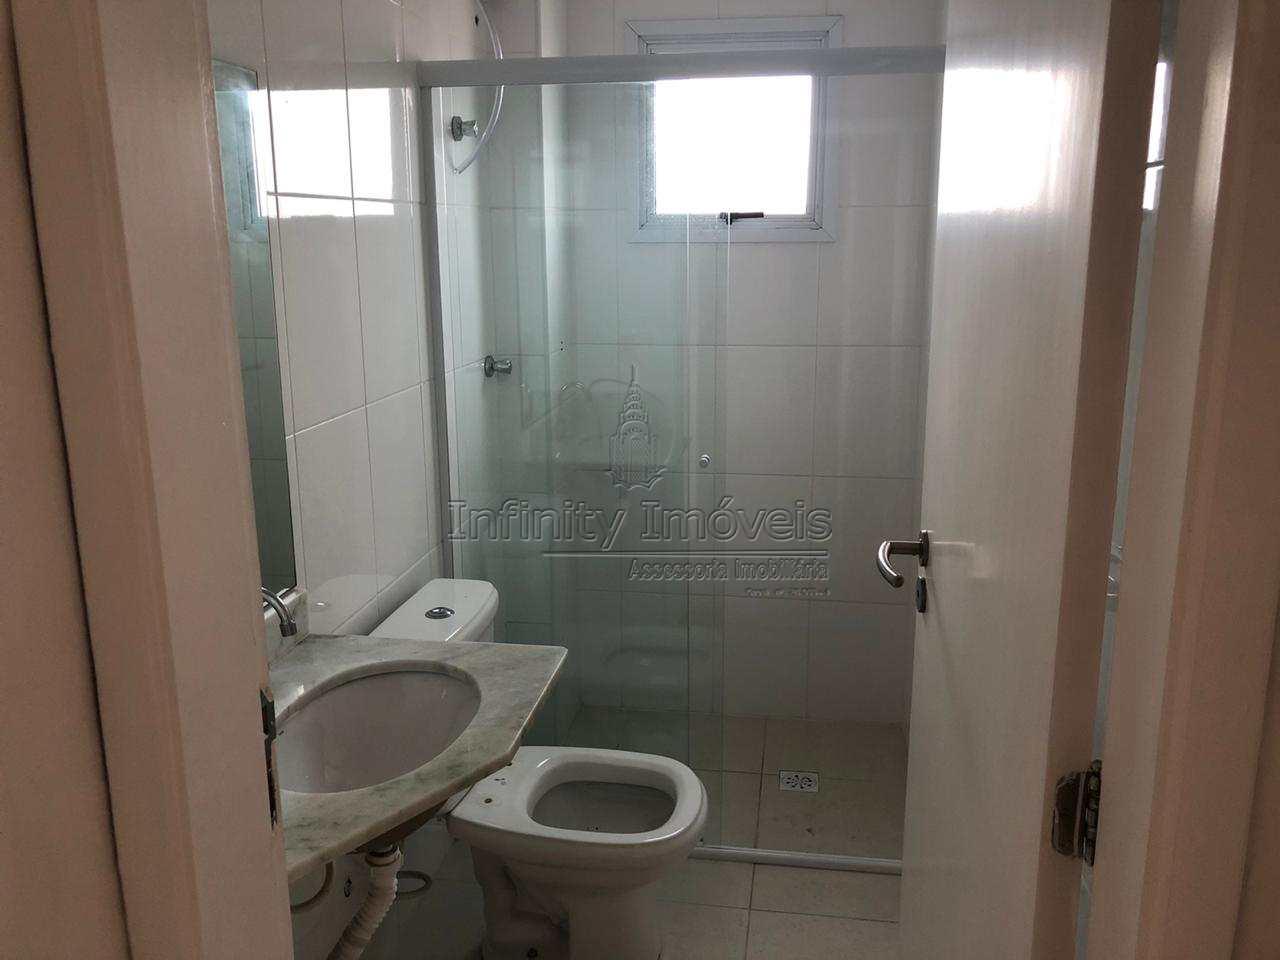 Venda/Aluguel, Apartamento, 02 dormitórios, 85,00m2, em Santos